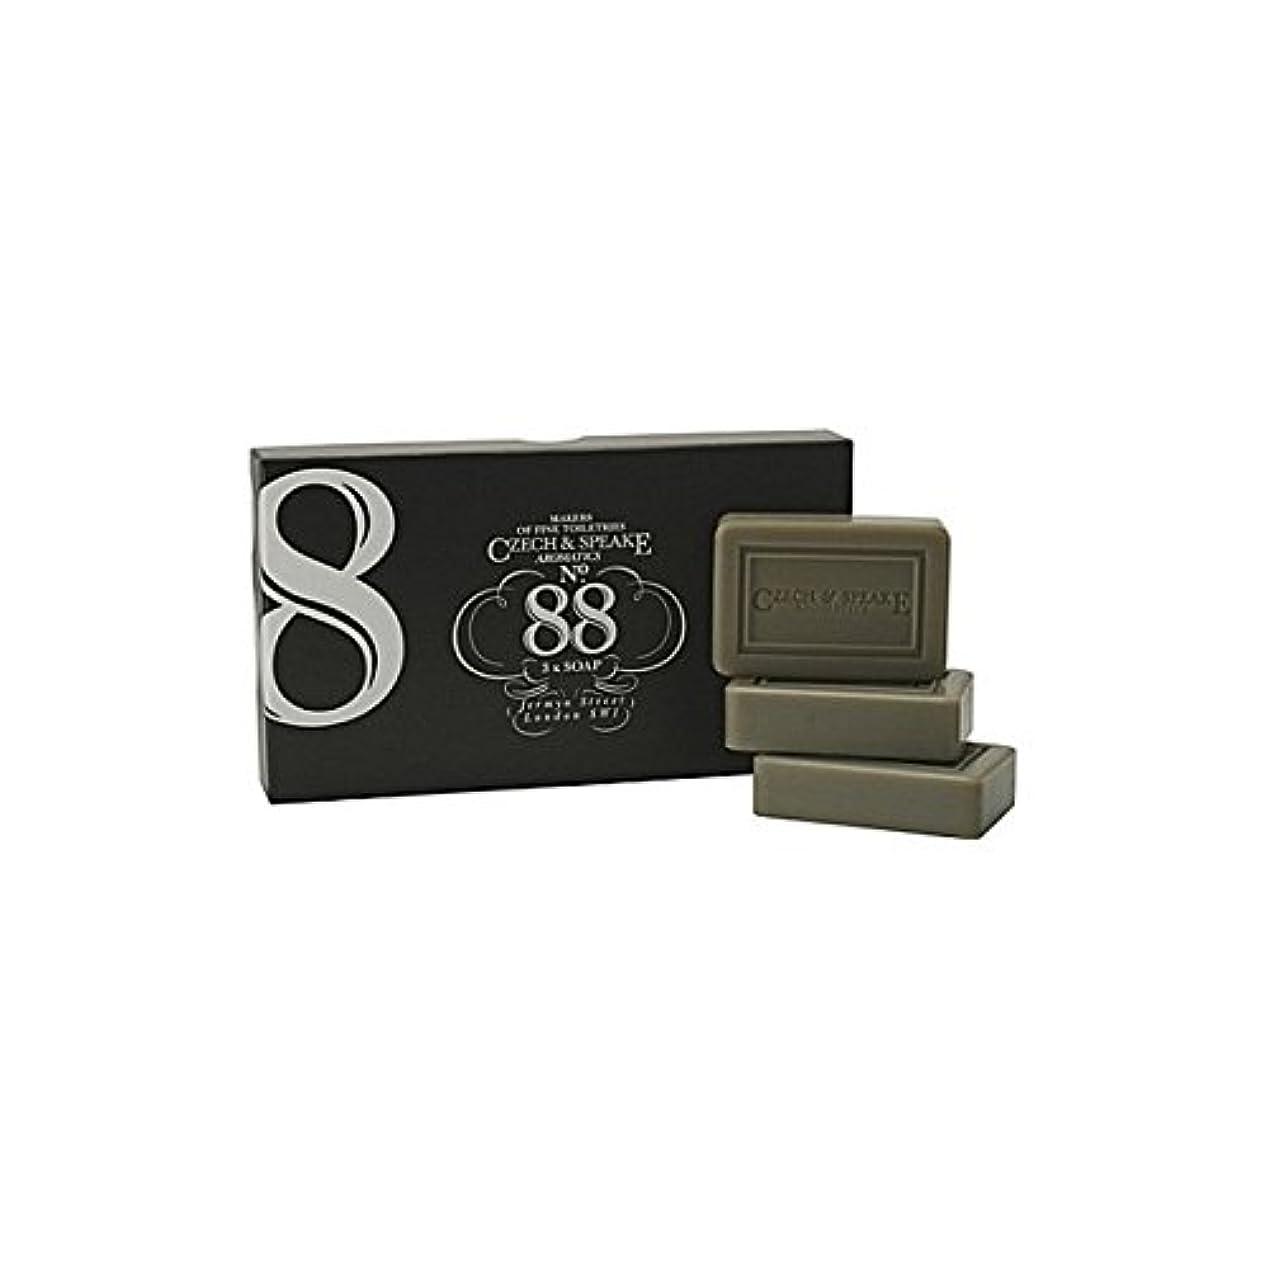 極地食事月曜チェコ&スピーク.88ソープセット x4 - Czech & Speake No.88 Soap Set (Pack of 4) [並行輸入品]